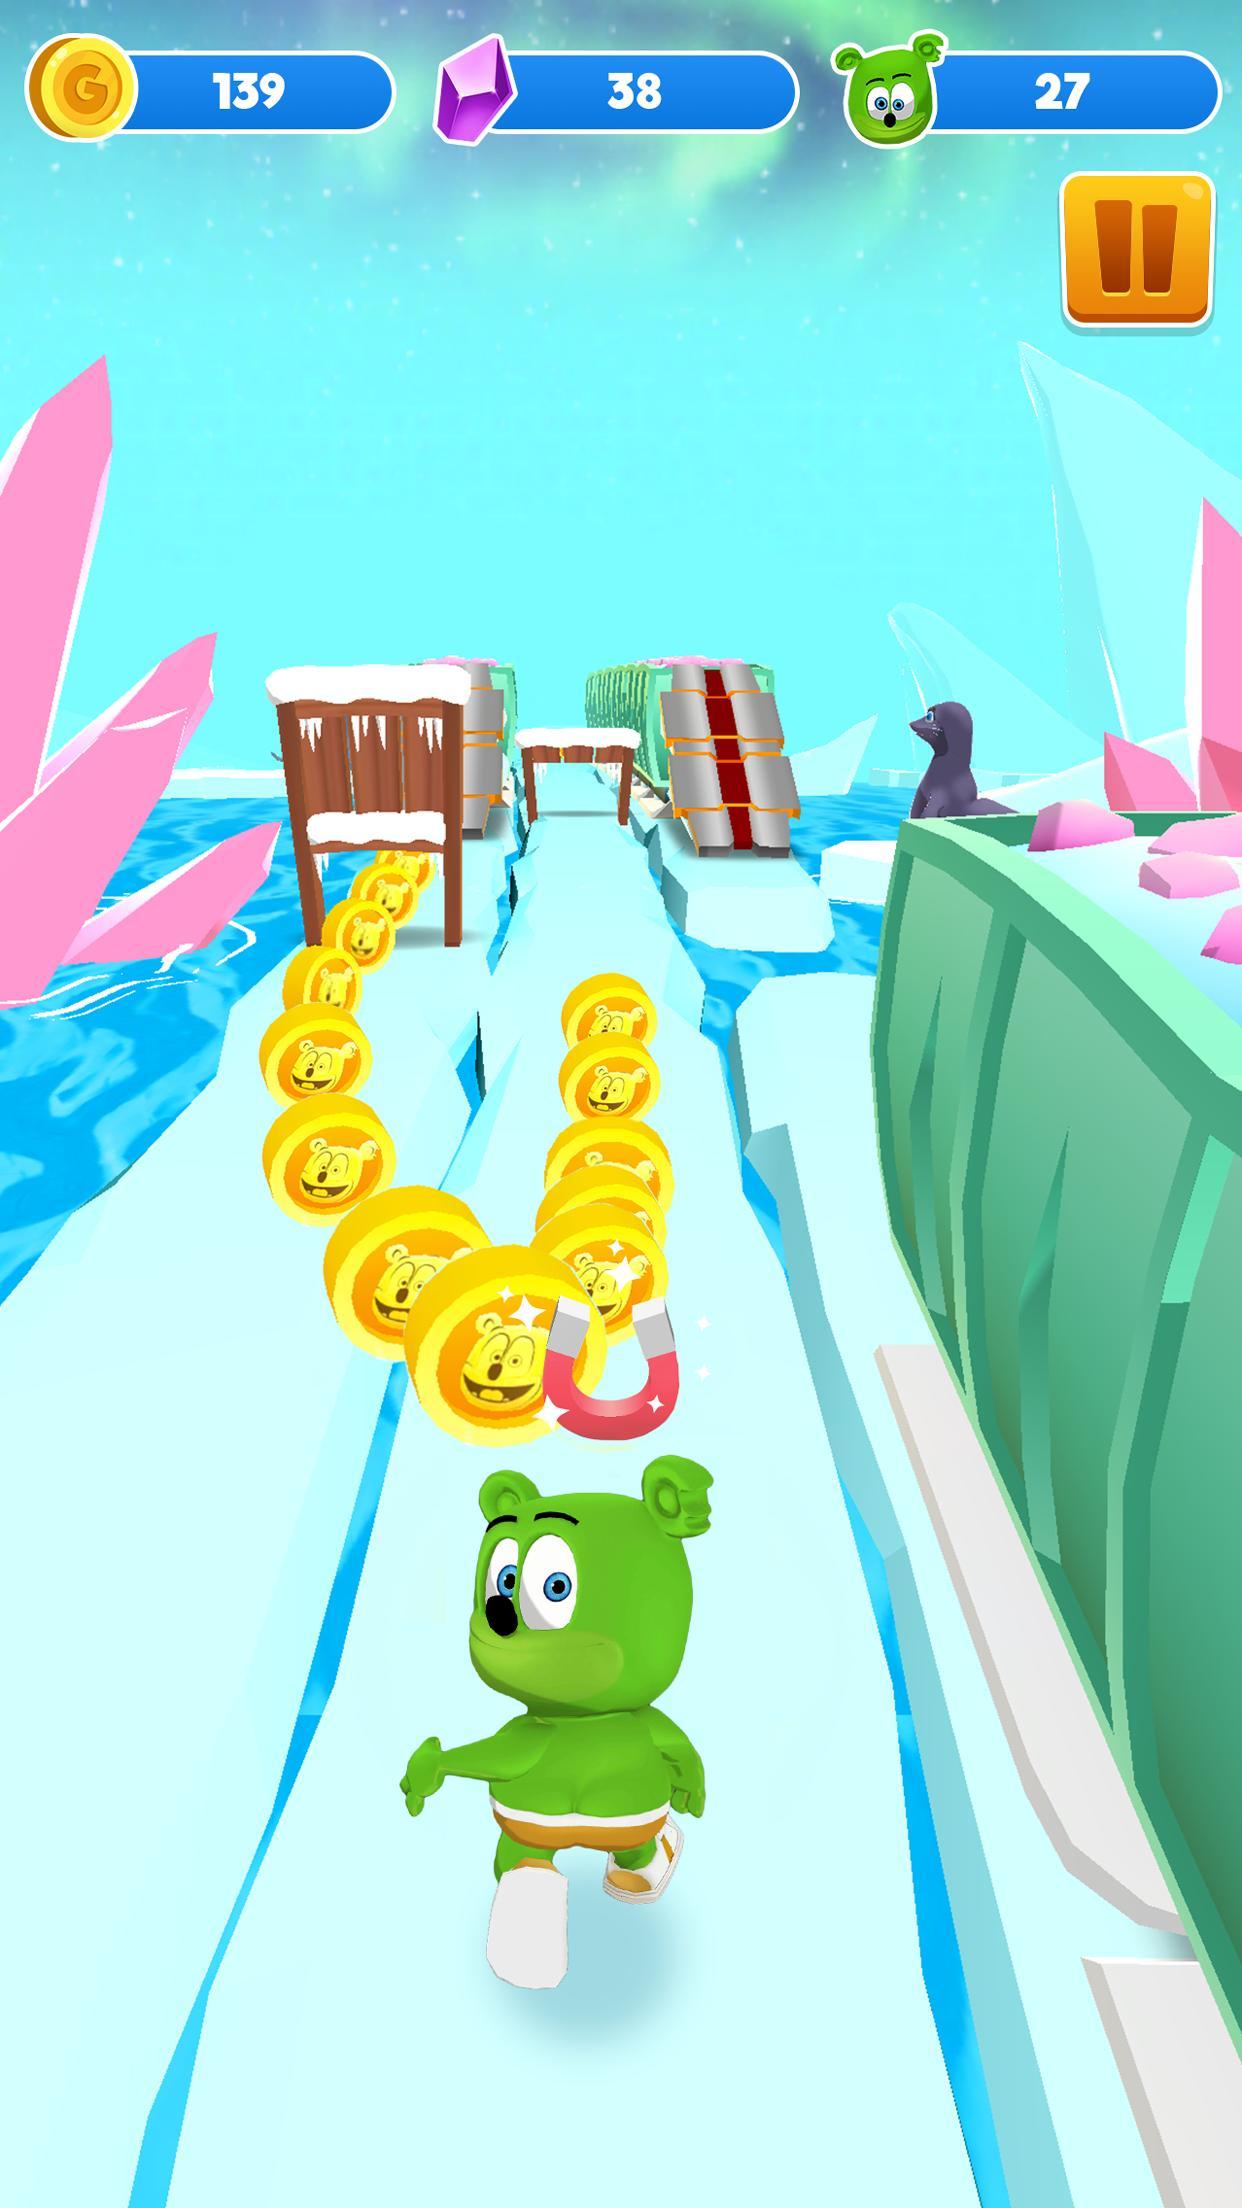 Gummy Bear Running - Endless Runner 2020 1.2.10 Screenshot 2